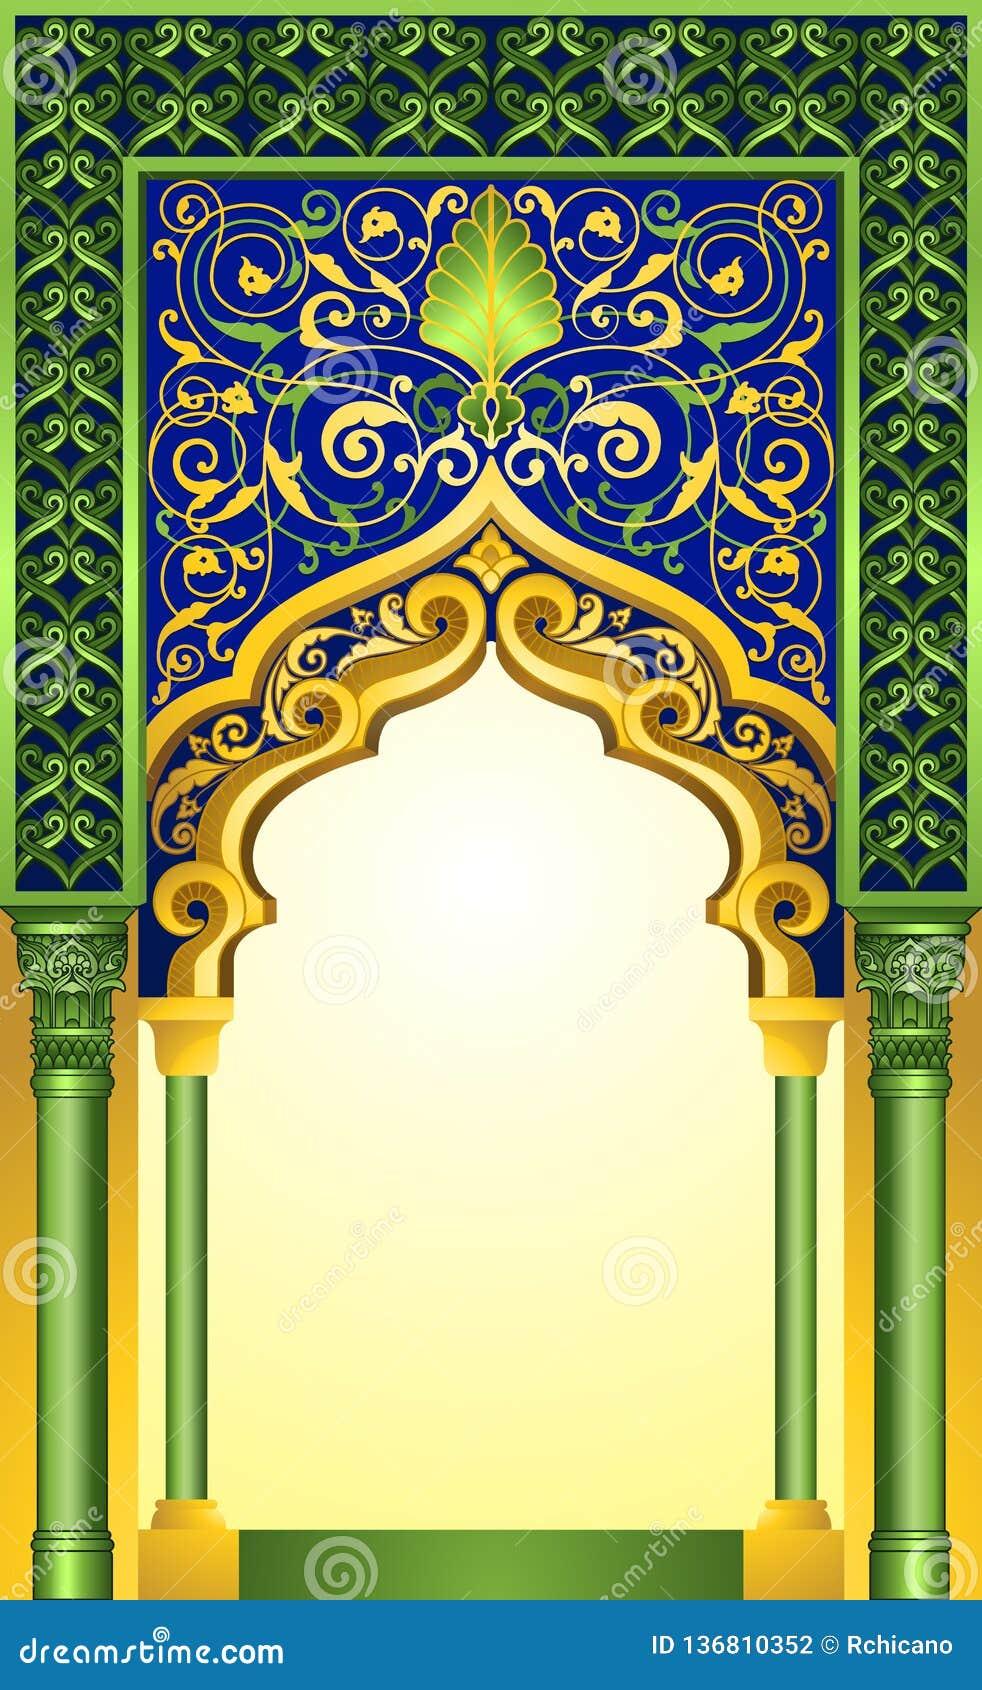 Diseño islámico del arco en esmeralda elegante y color oro con los ornamentos florales detallados del alto